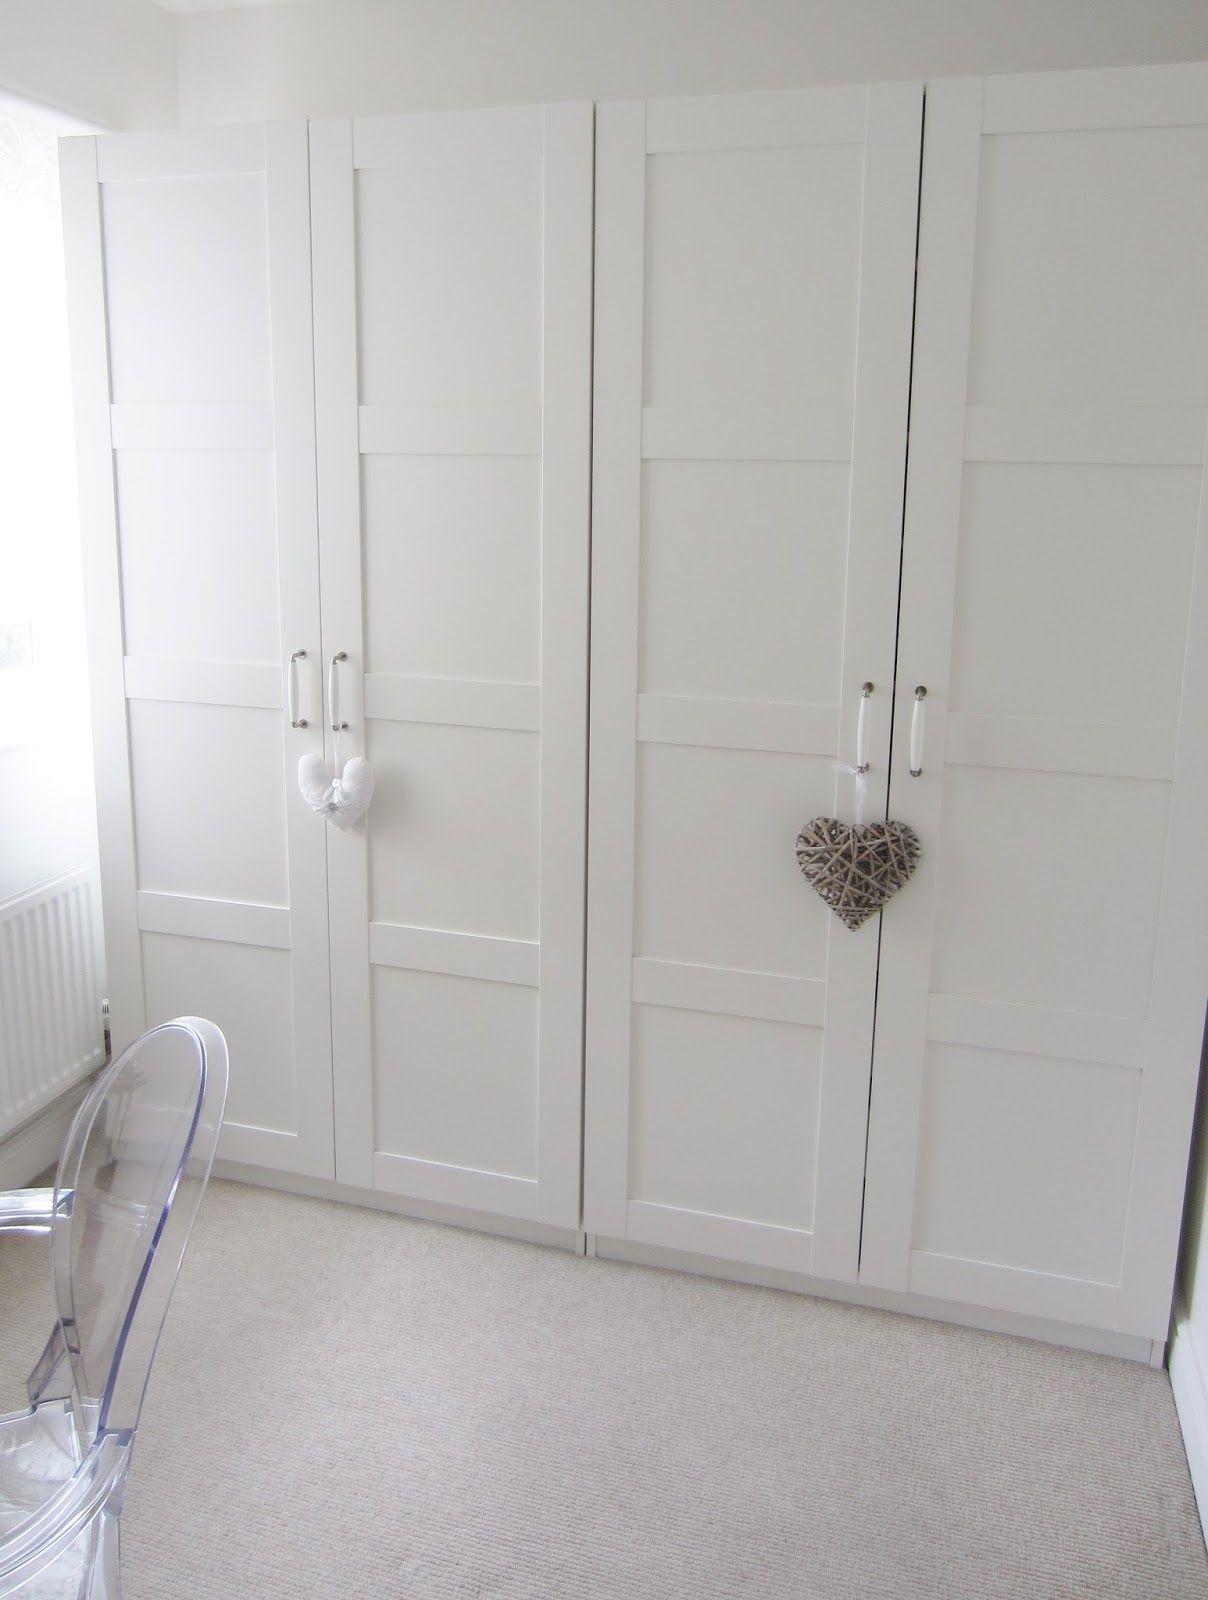 Ikea Wardrobe Closet Images